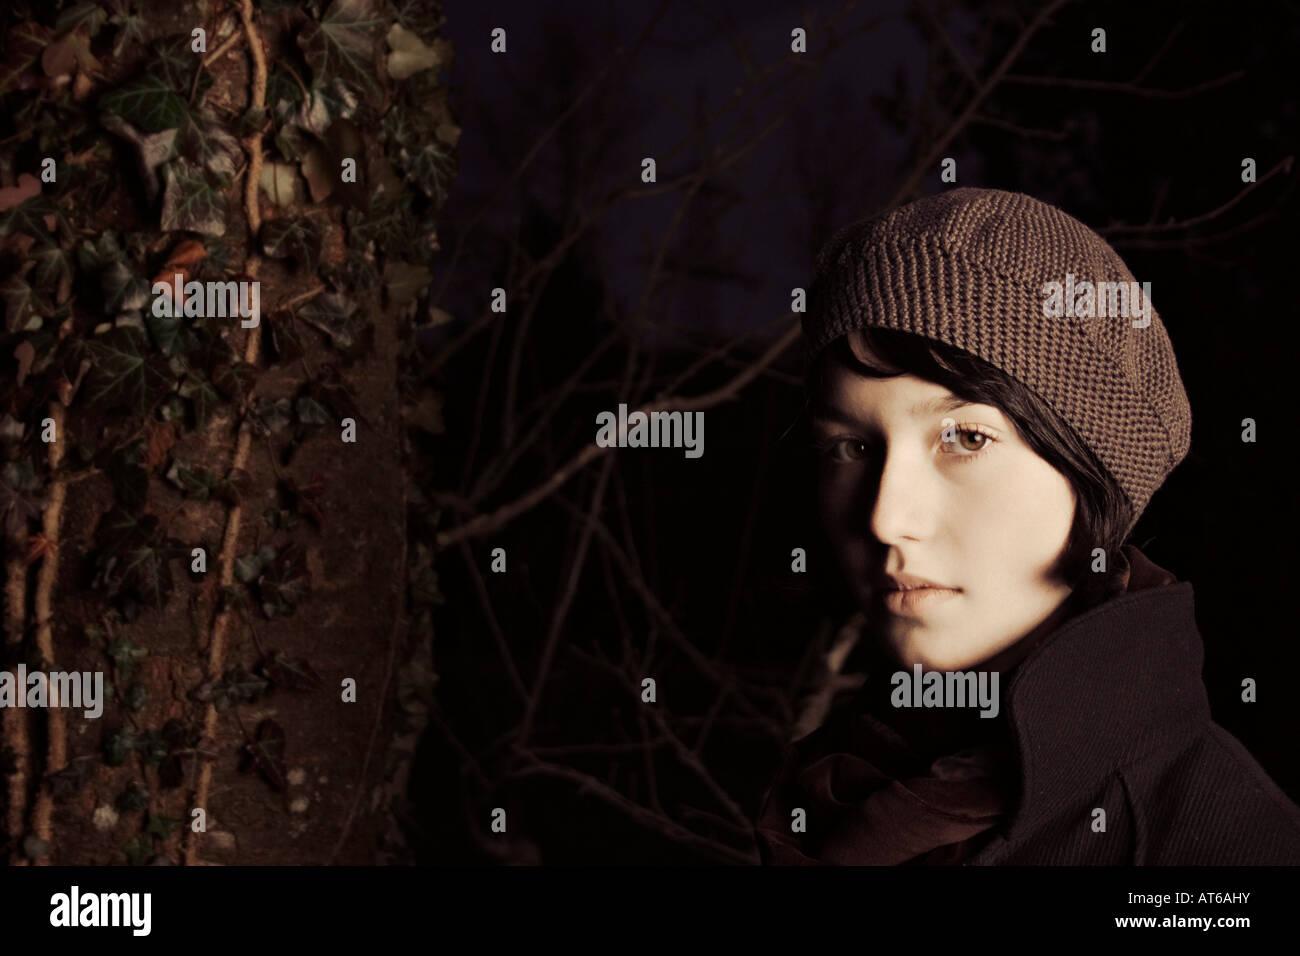 Junge Frau stand in der Nähe eines Baumes Stockbild